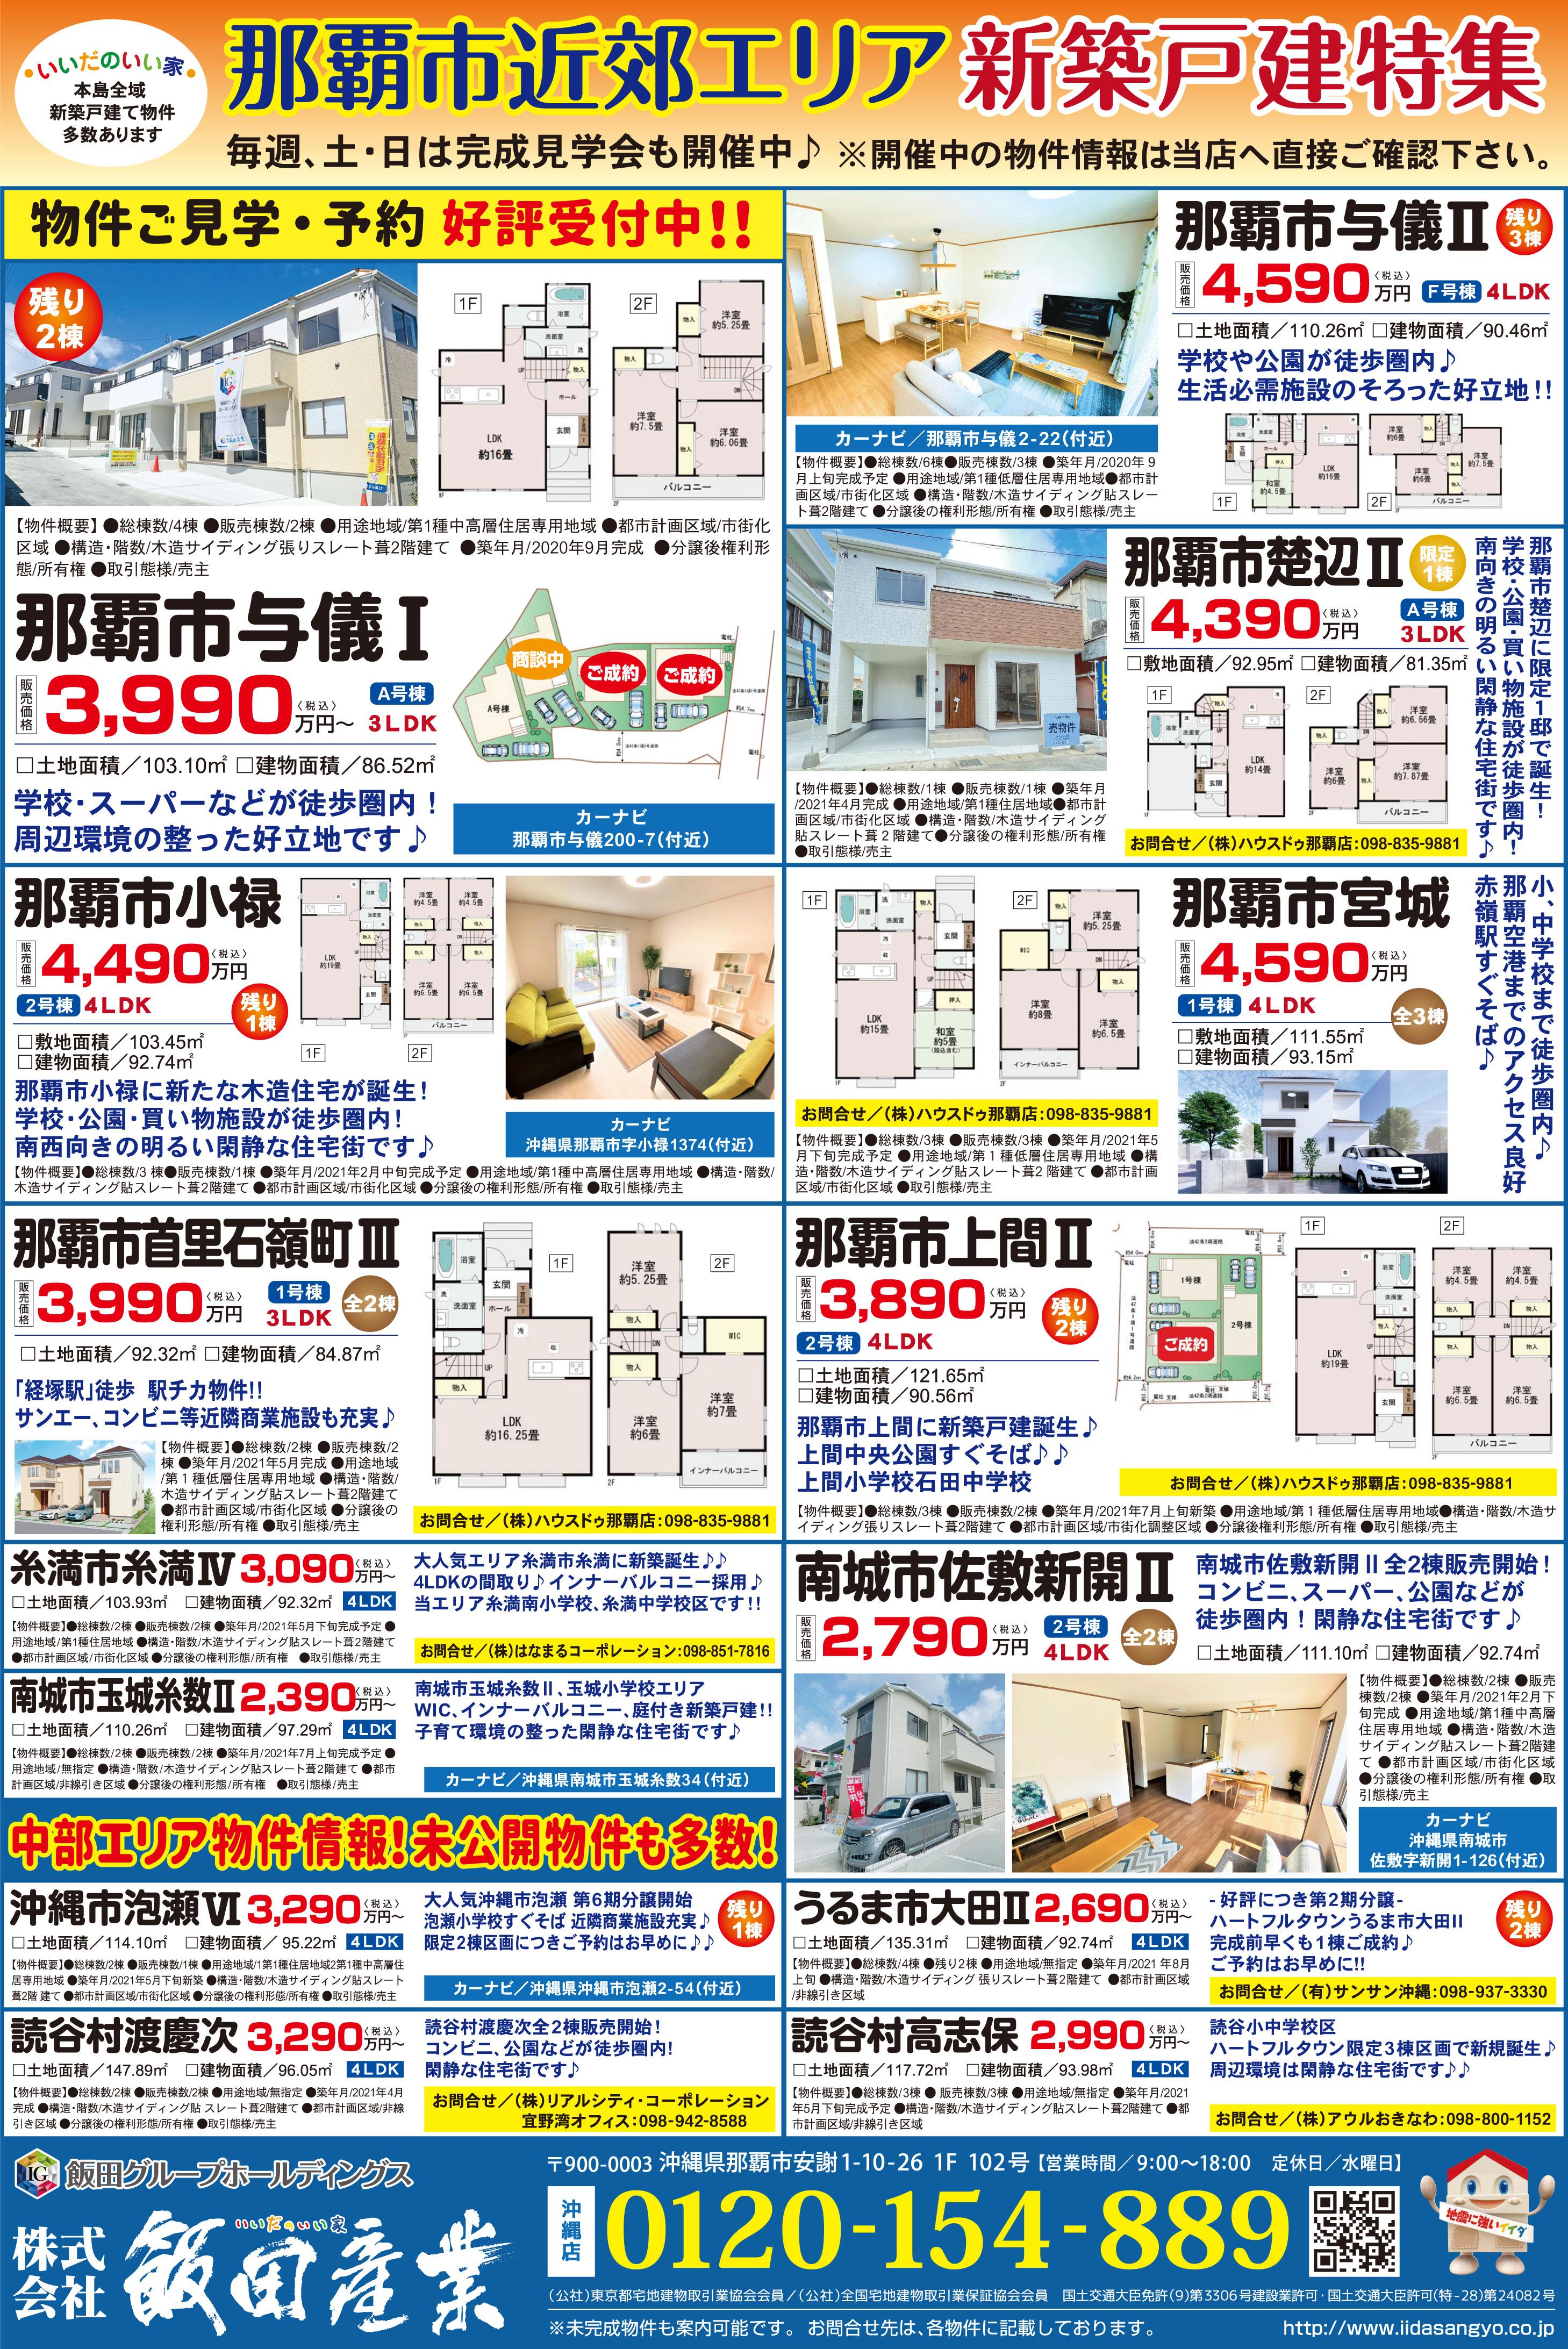 飯田産業が那覇市近郊エリアで新築戸建特集